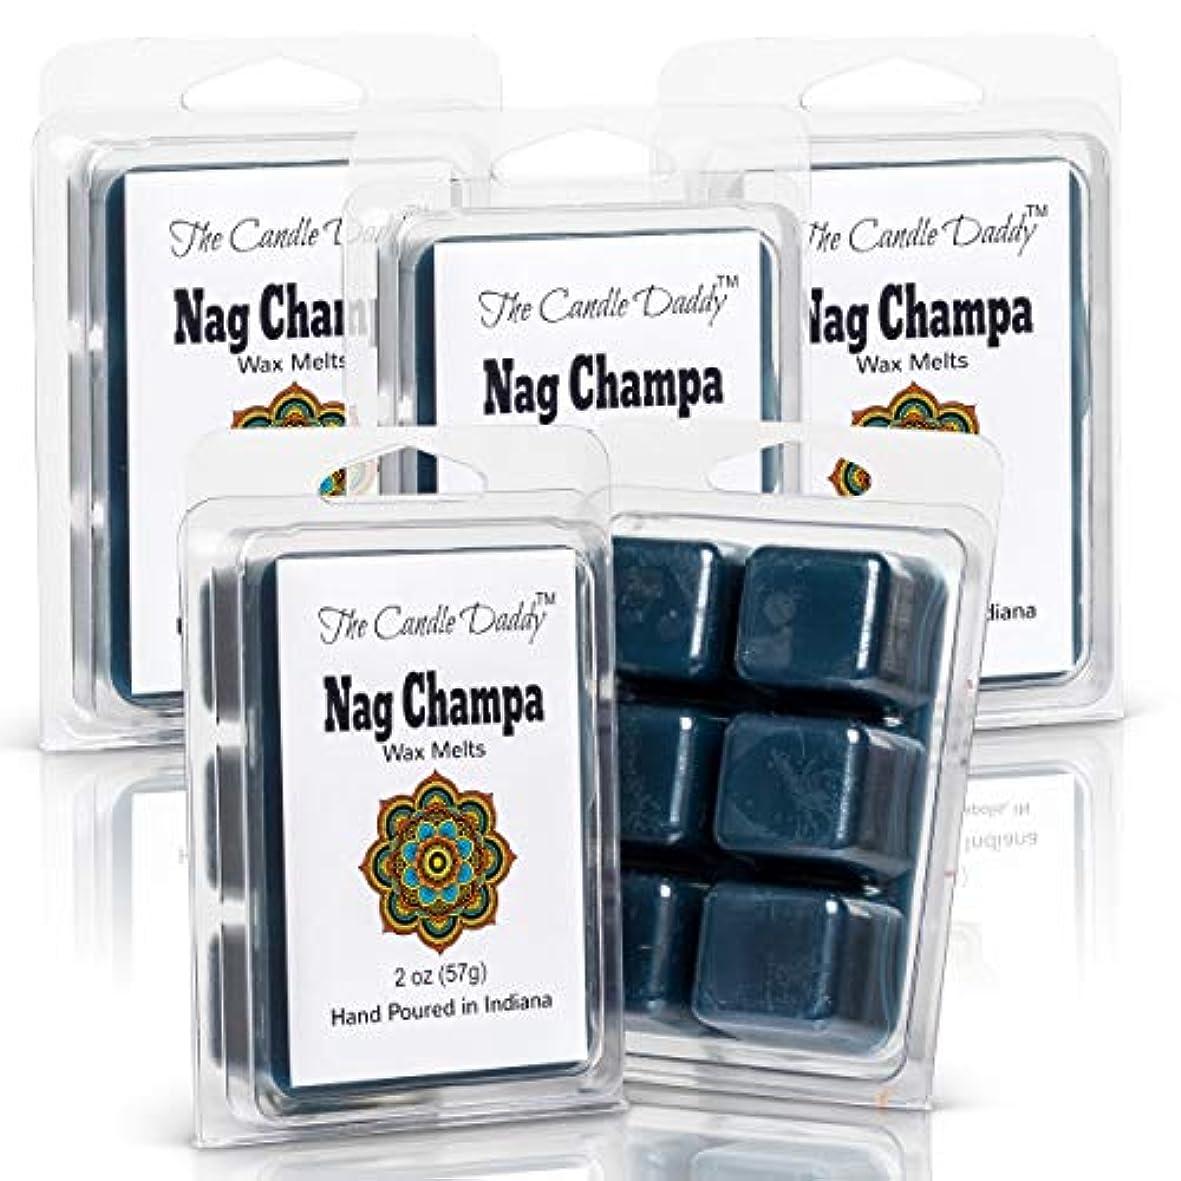 バングラデシュ旋回幻滅するThe Candle Daddy Nag Champa - 最大香りのワックスキューブ/タルト/メルト- 5パック、合計10オンス、30キューブ。